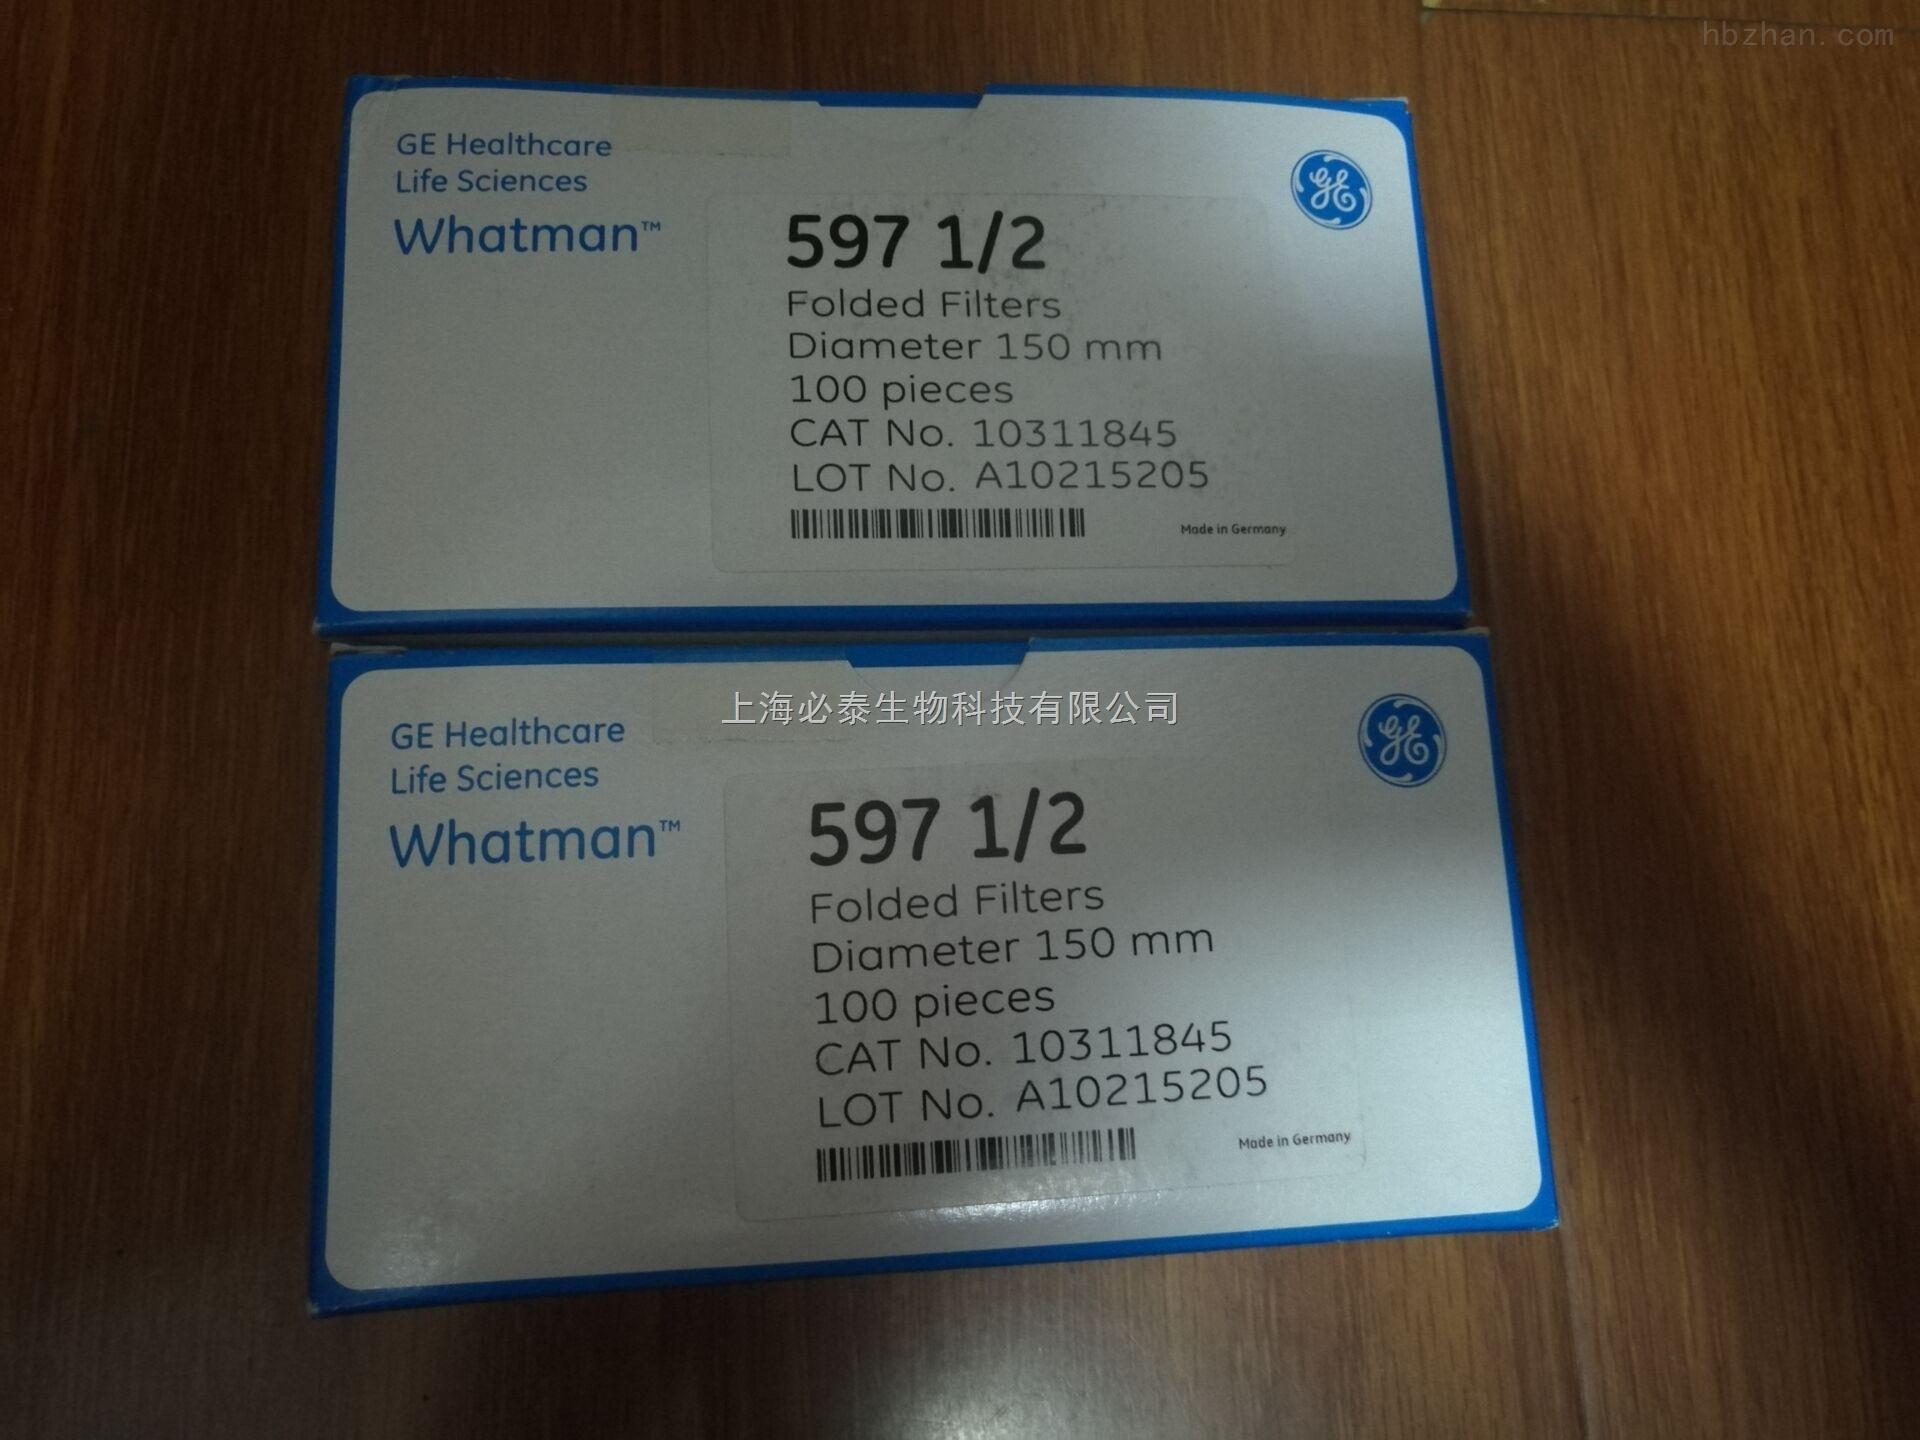 Whatman597号预折叠定性滤纸Grade 597 1/2